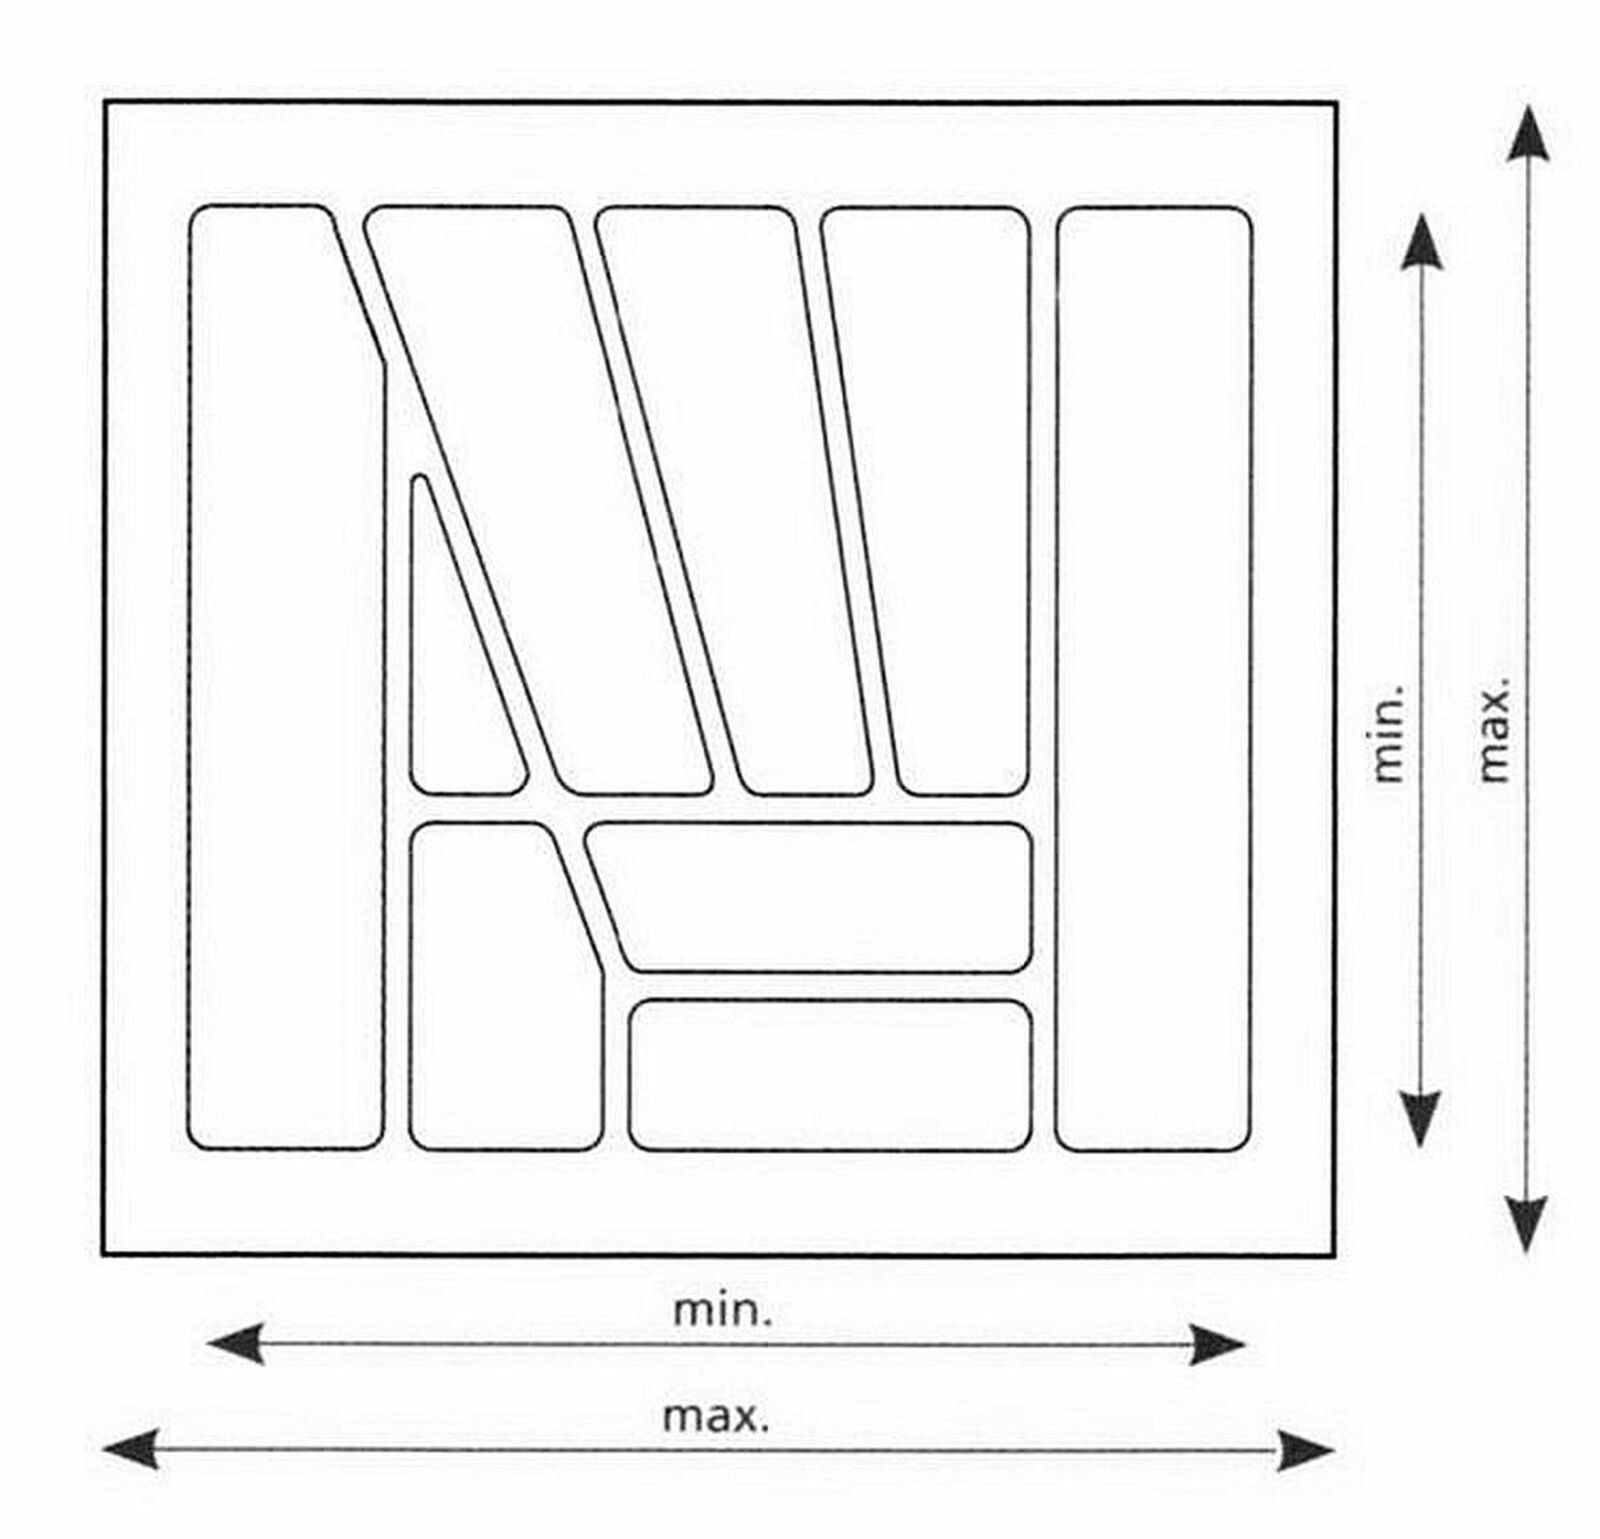 Besteckeinsatz Zuschneidbar Besteckkasten 50 Cm Schublade Anpassbar Multi 50 Kaufen Bei Livingpoint24